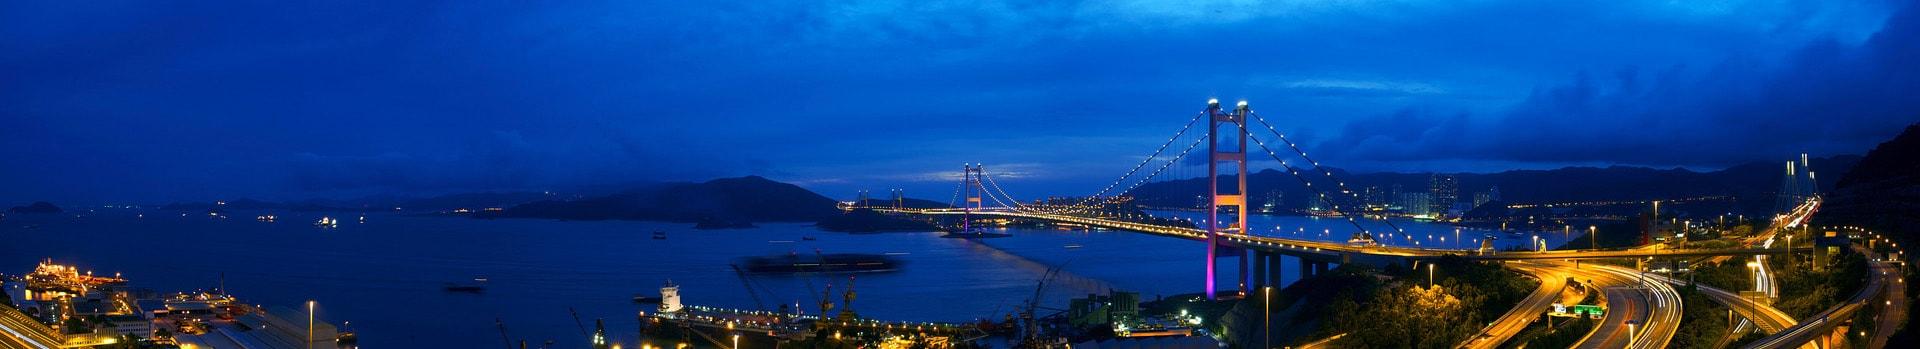 Страна казино <br> Гонконг — Макао